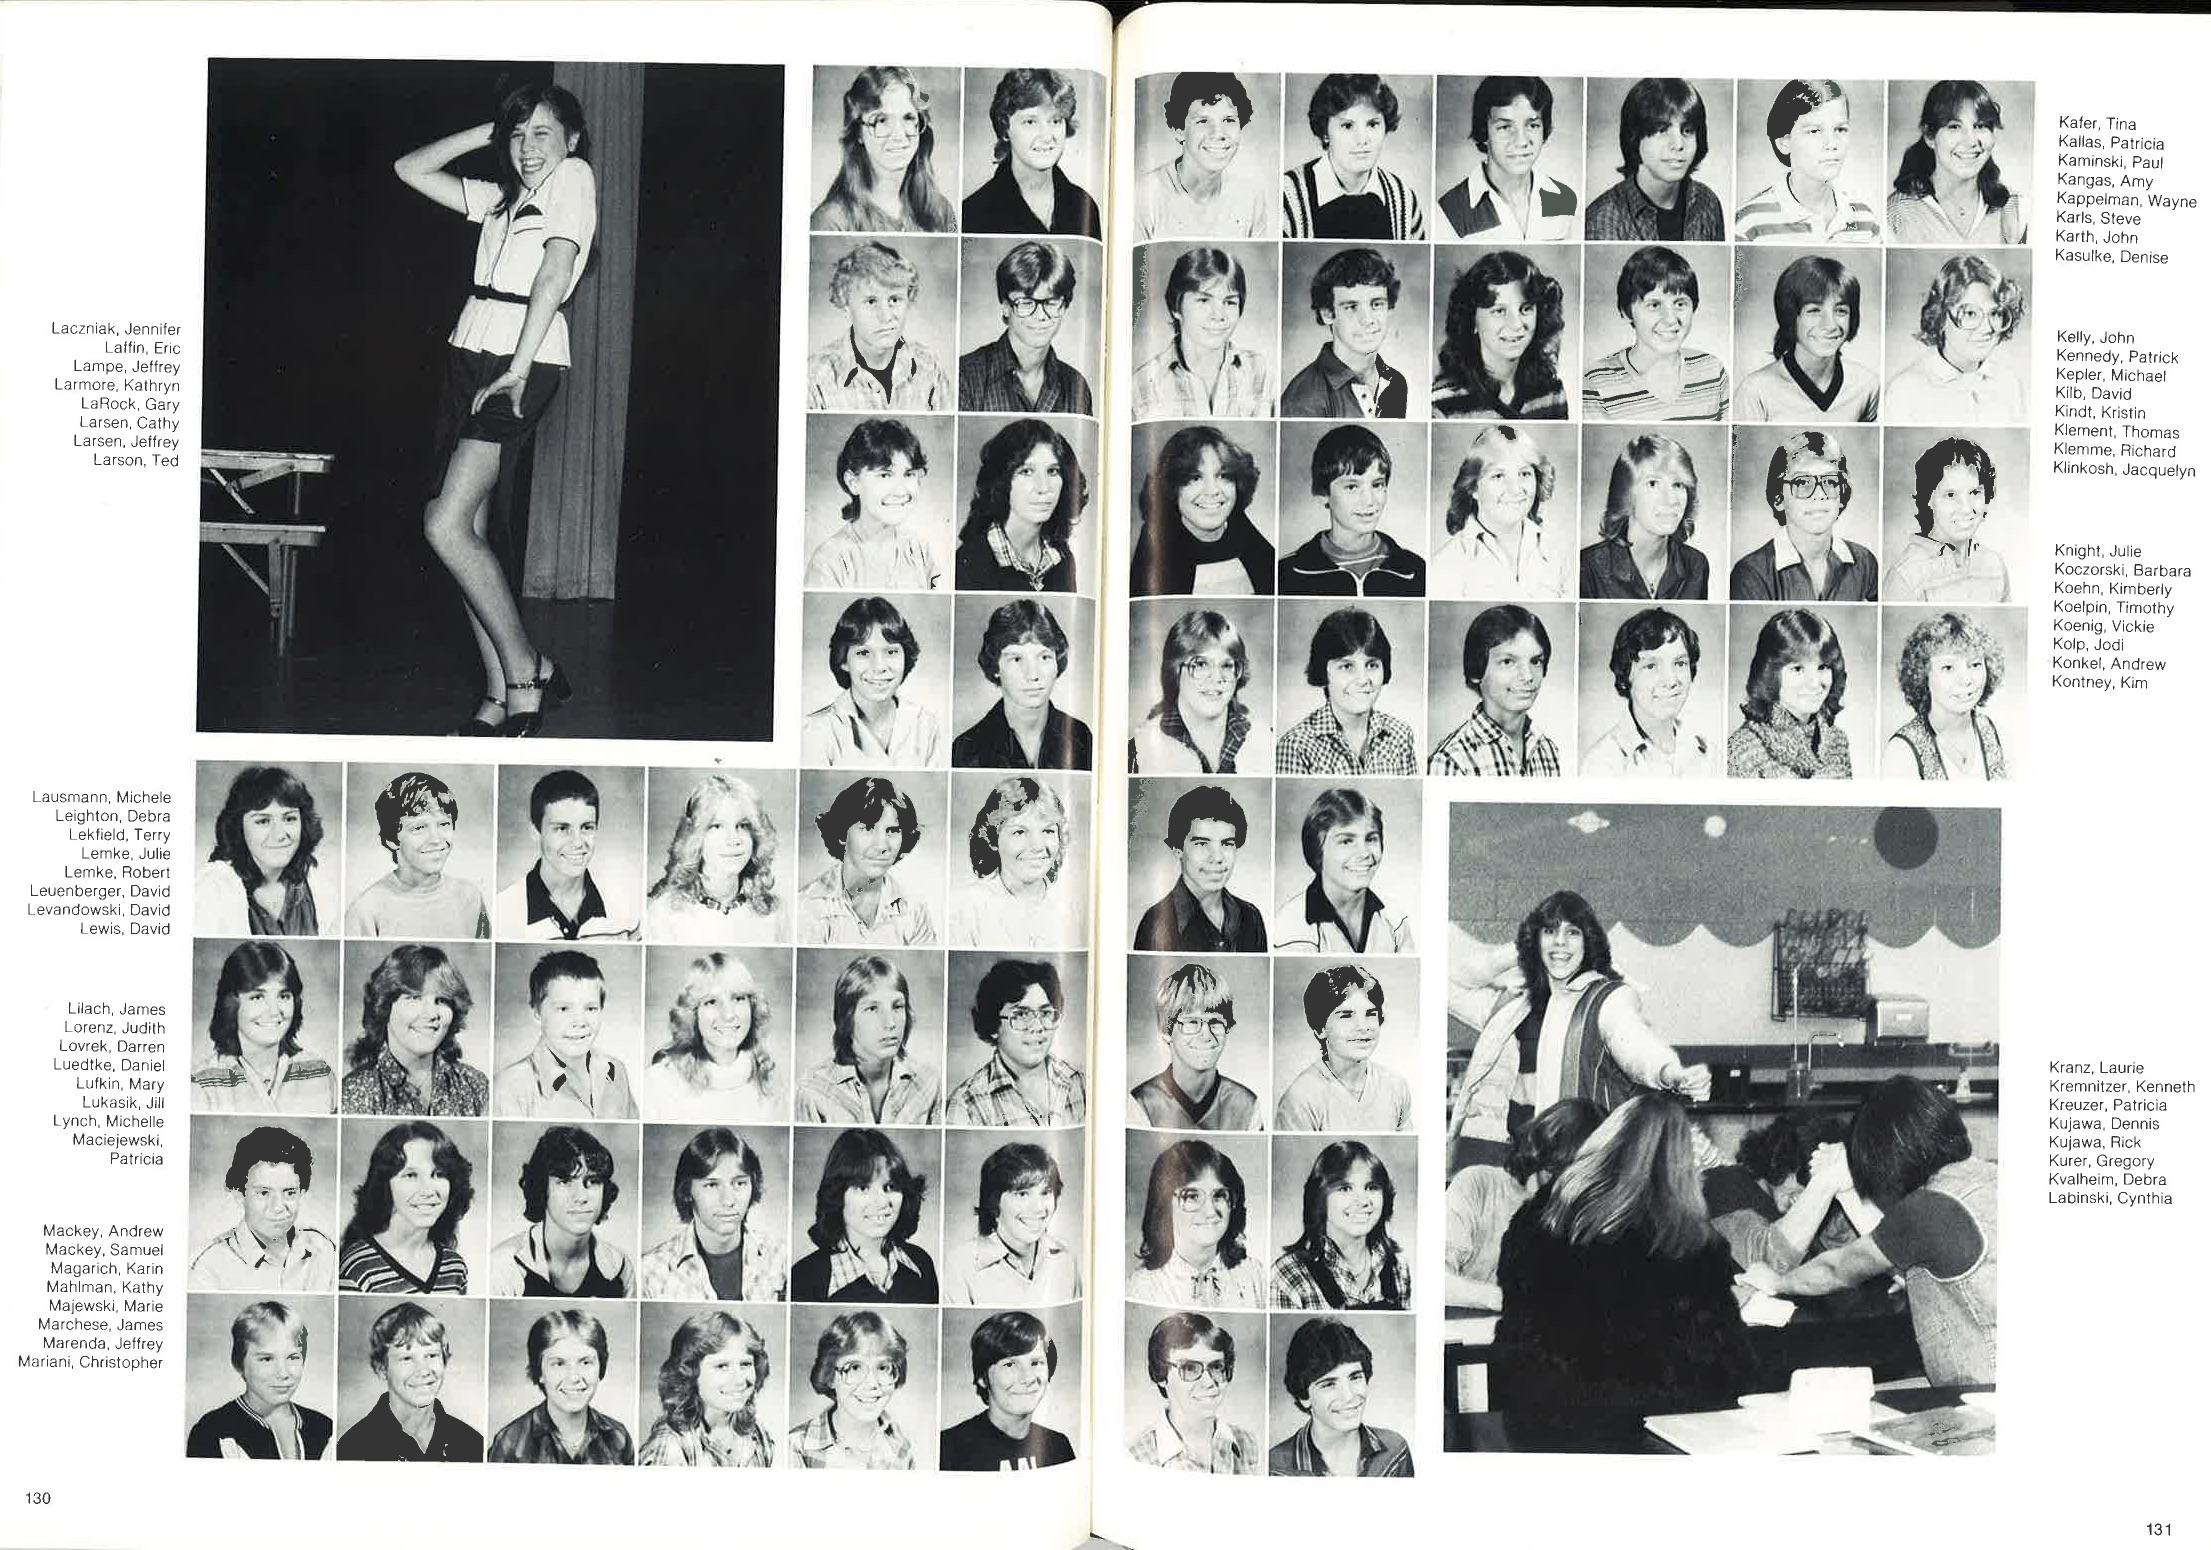 1981_Yearbook_130.jpg